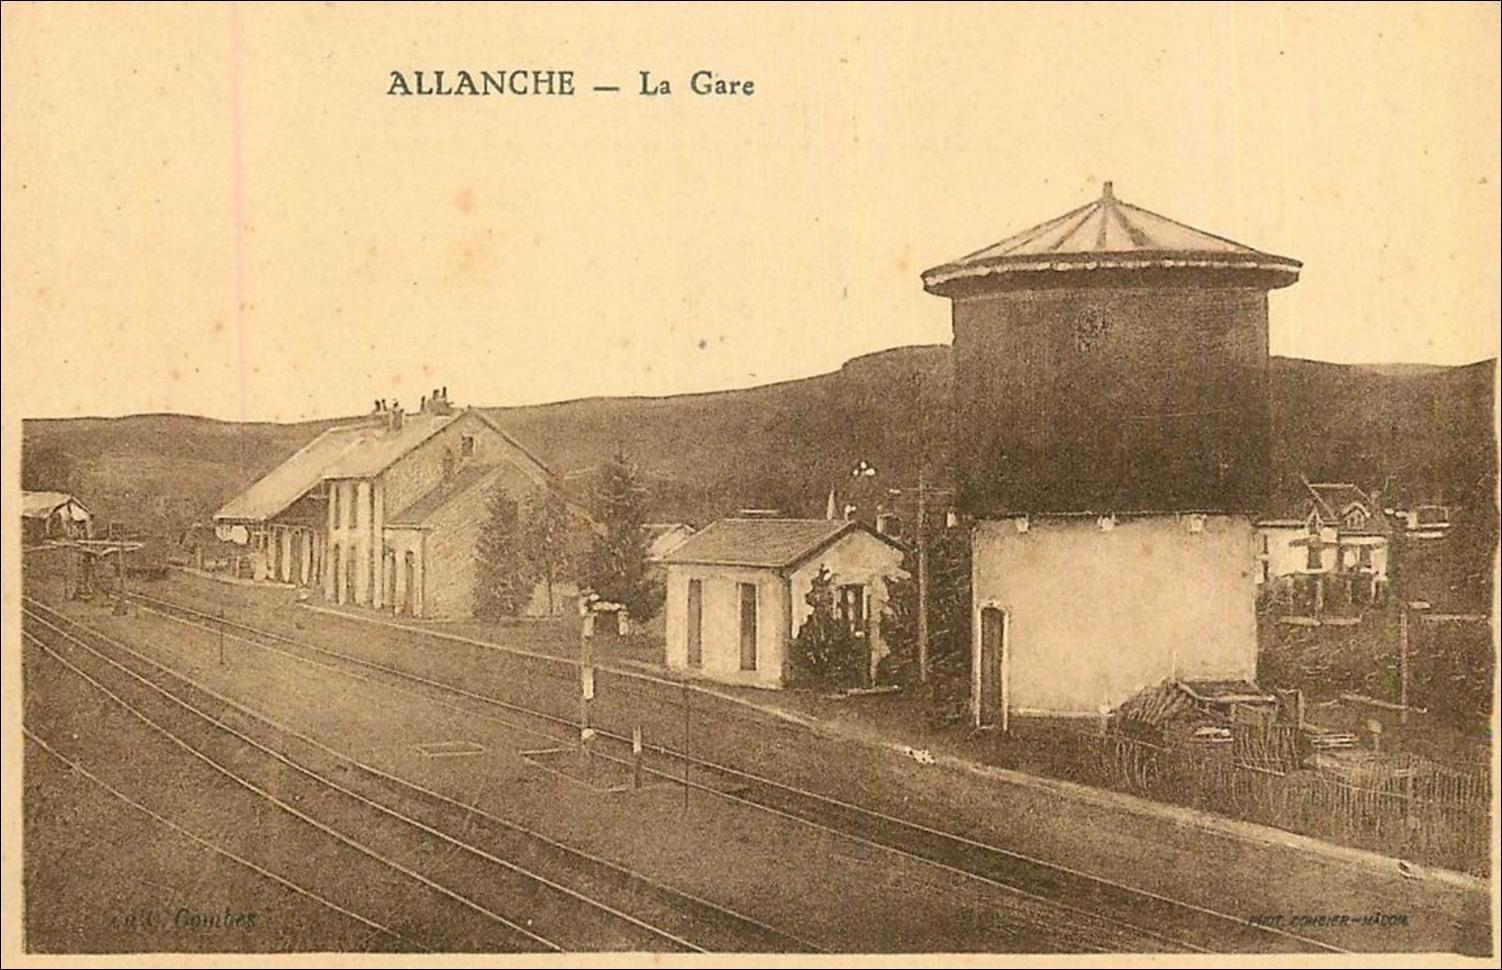 La gare d'Allanche